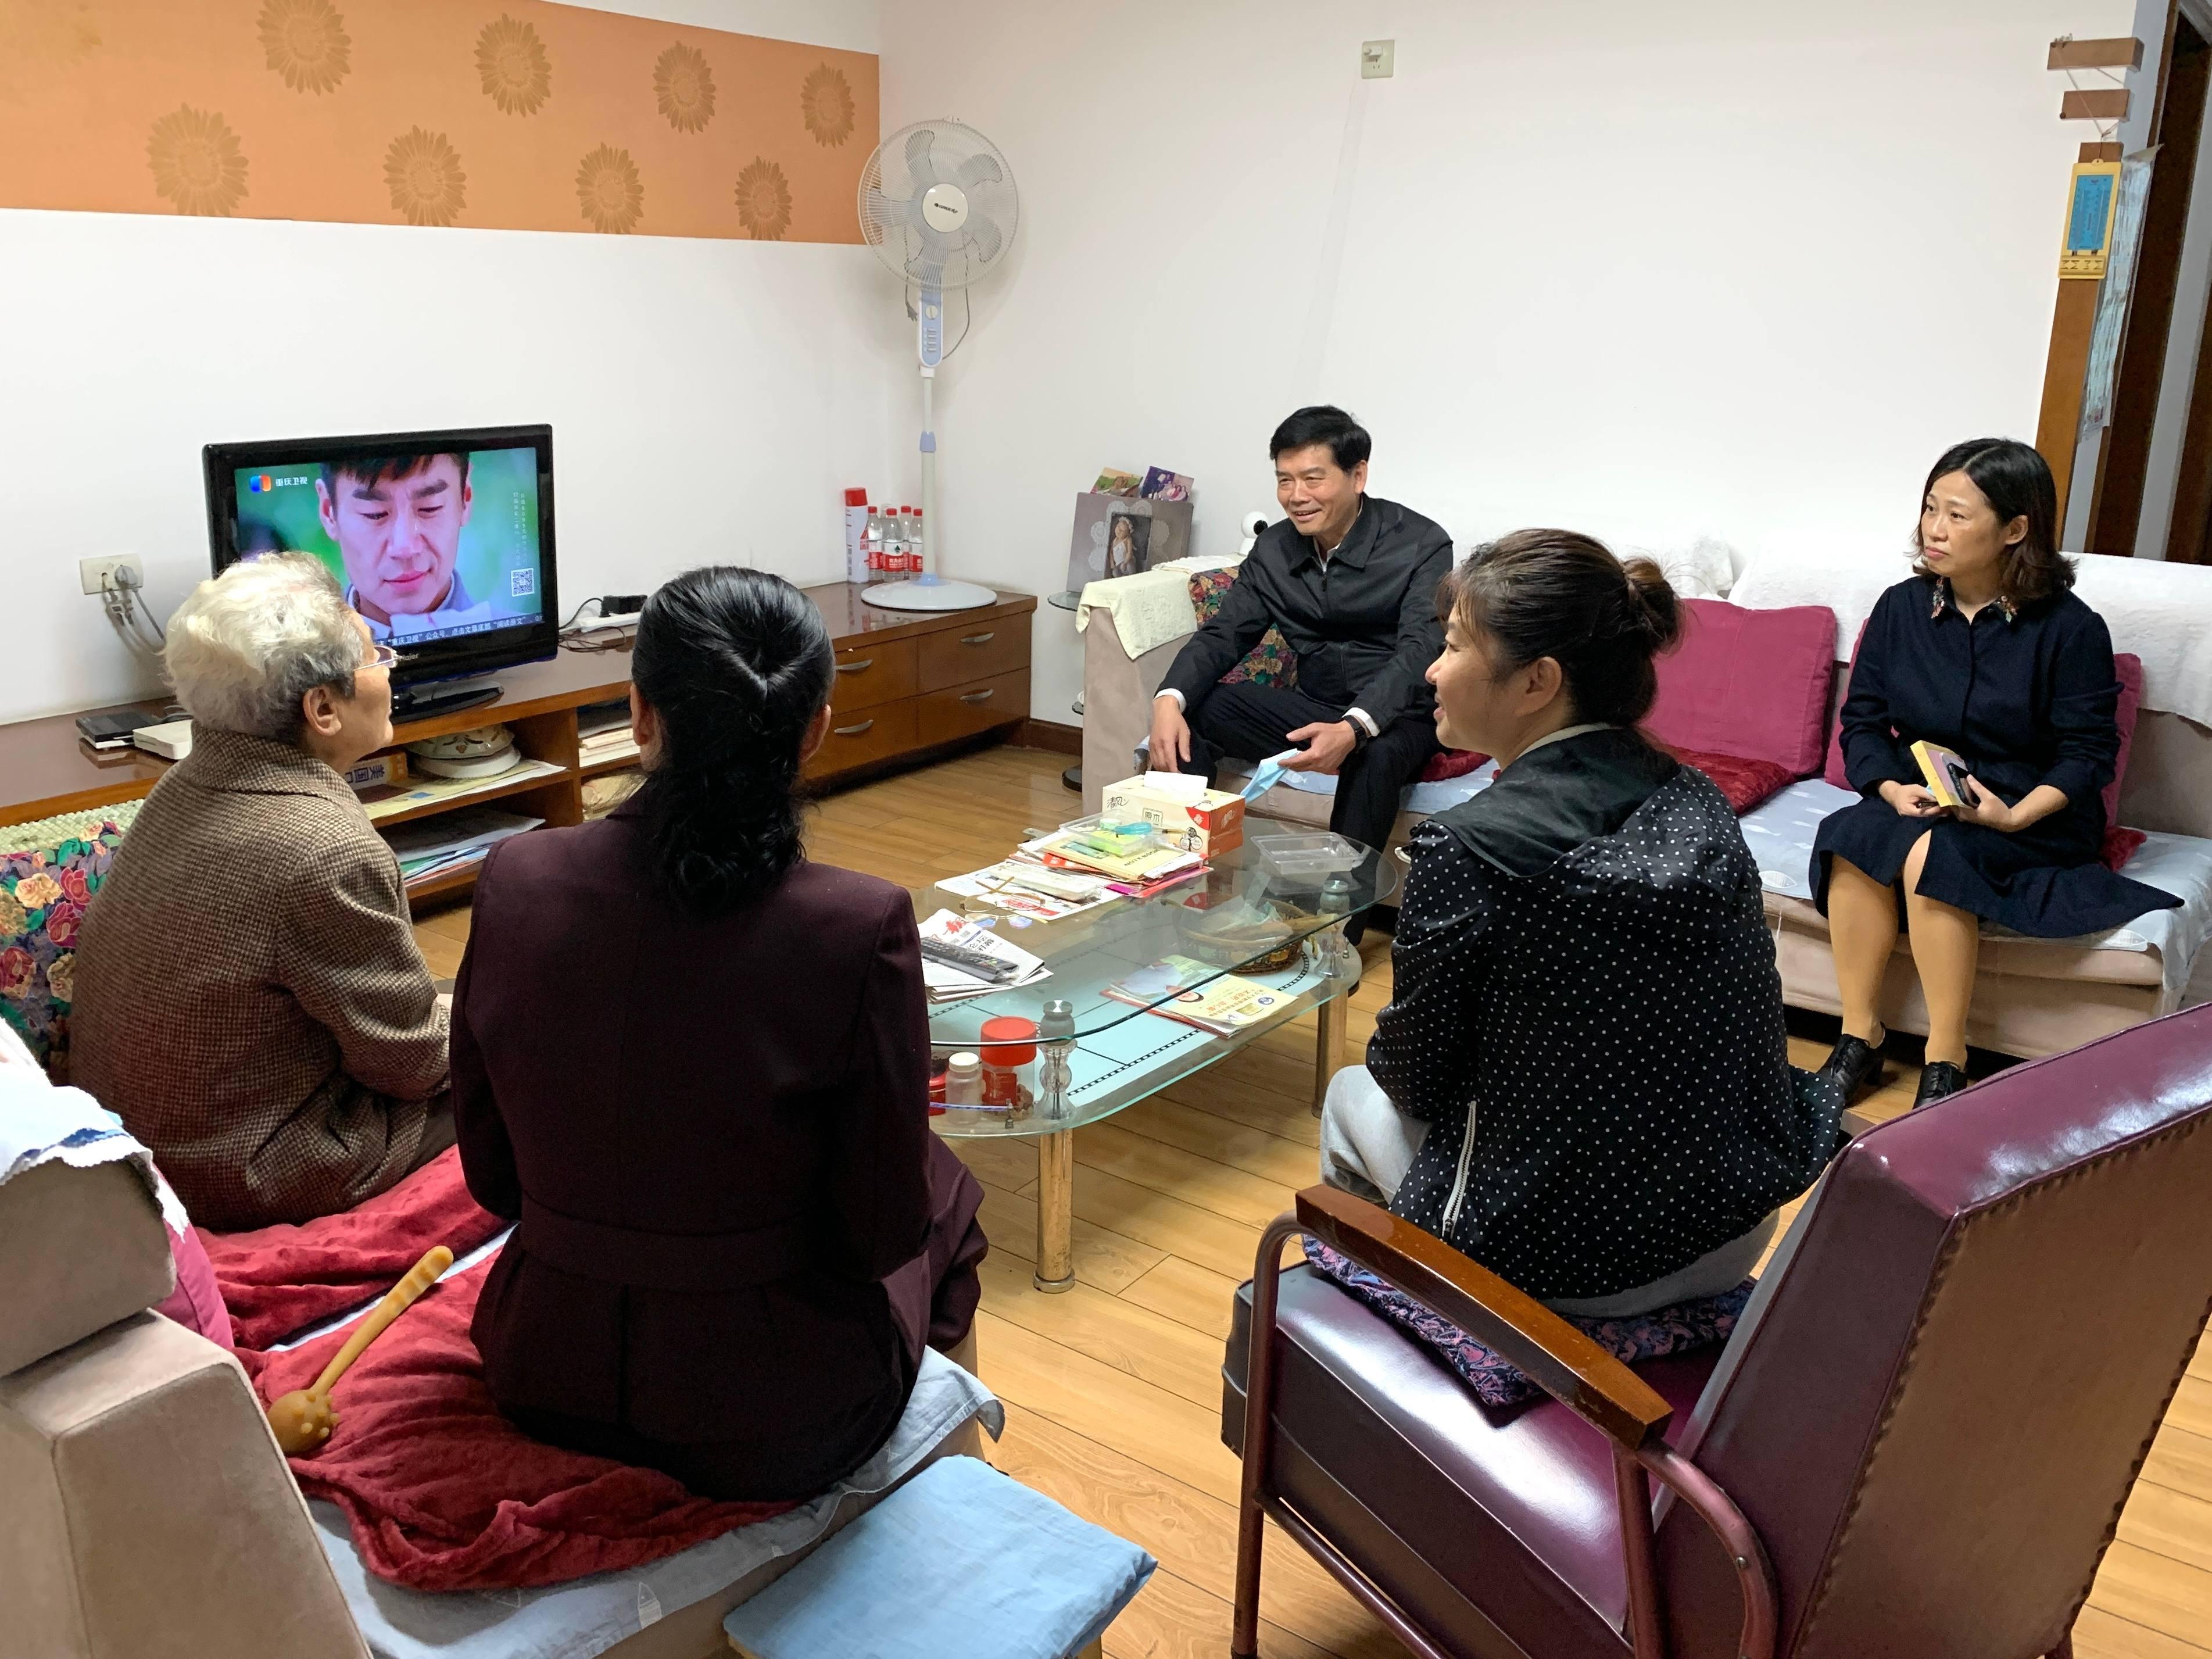 重阳敬老 情暖金秋 市二院开展重阳节走访慰问离退休老干部活动